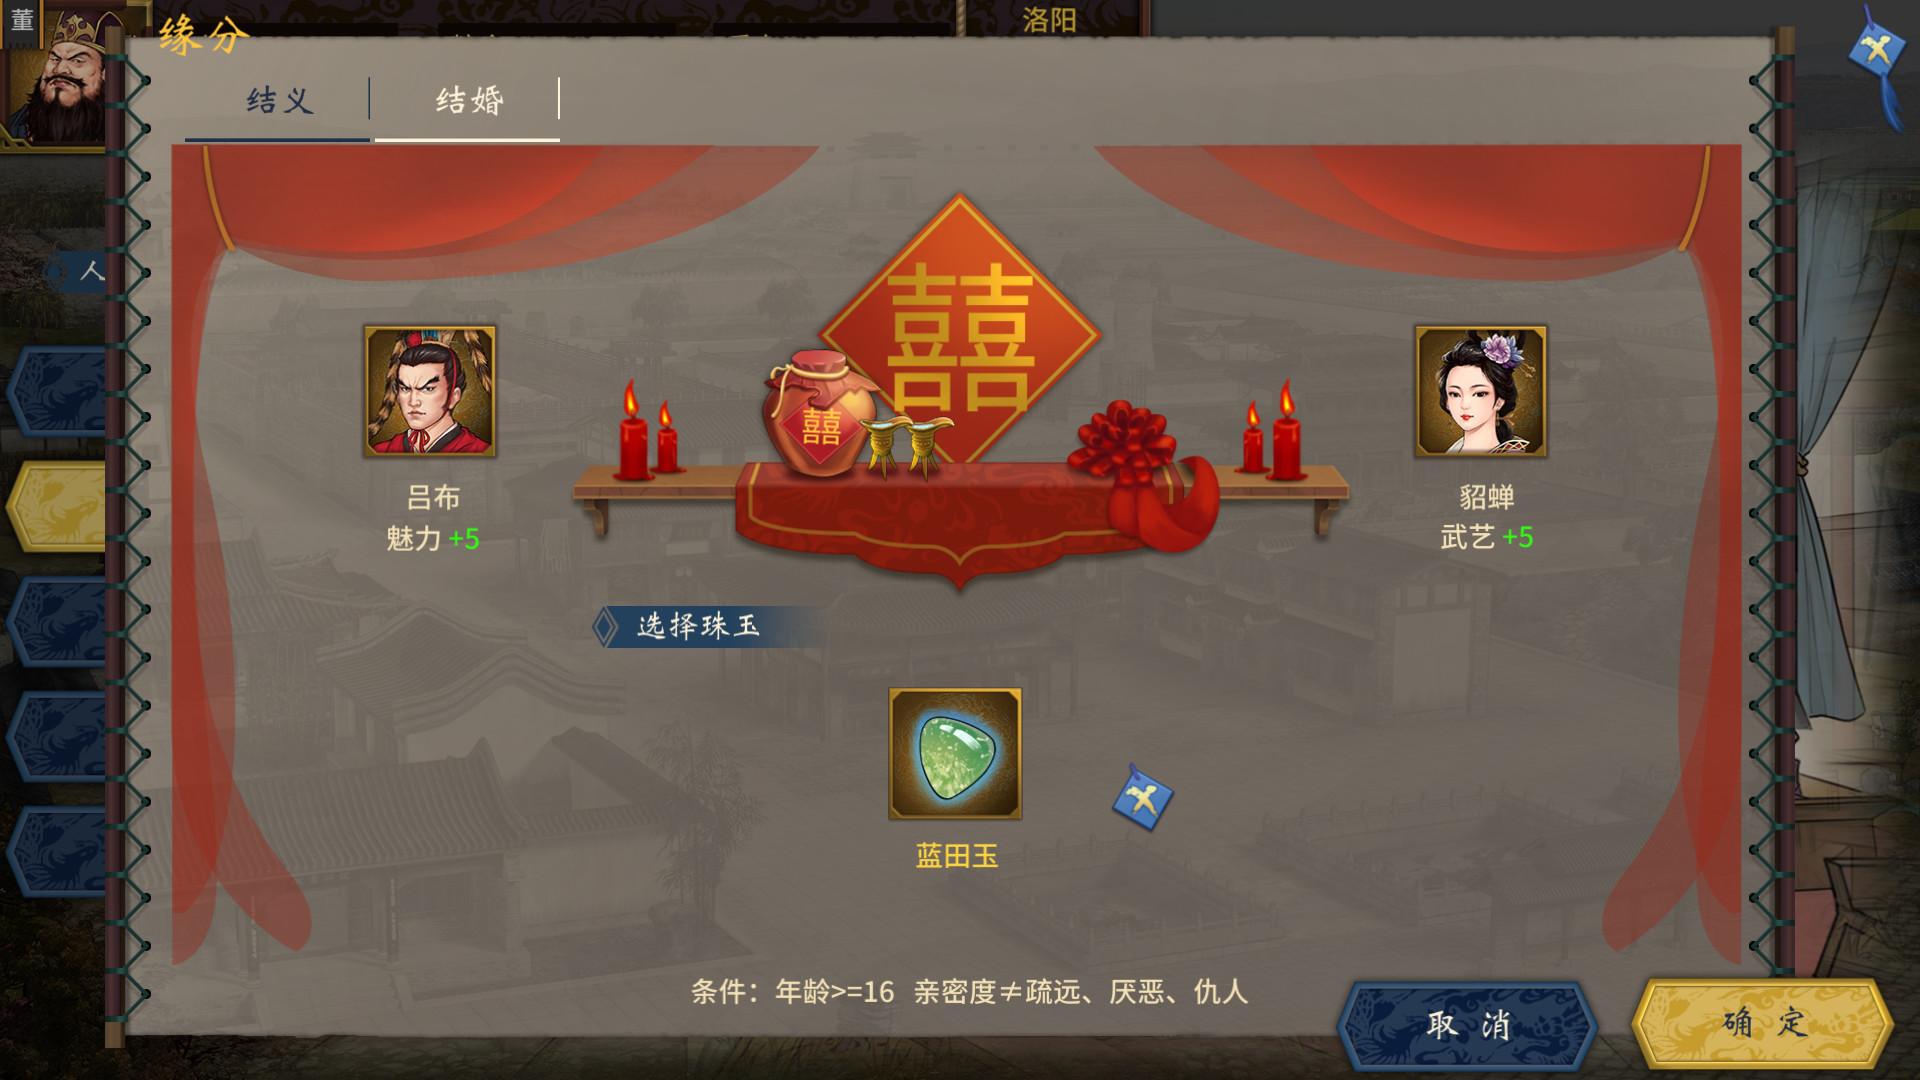 三国志:汉末霸业(V1.0.02402集成全DLCs)插图37